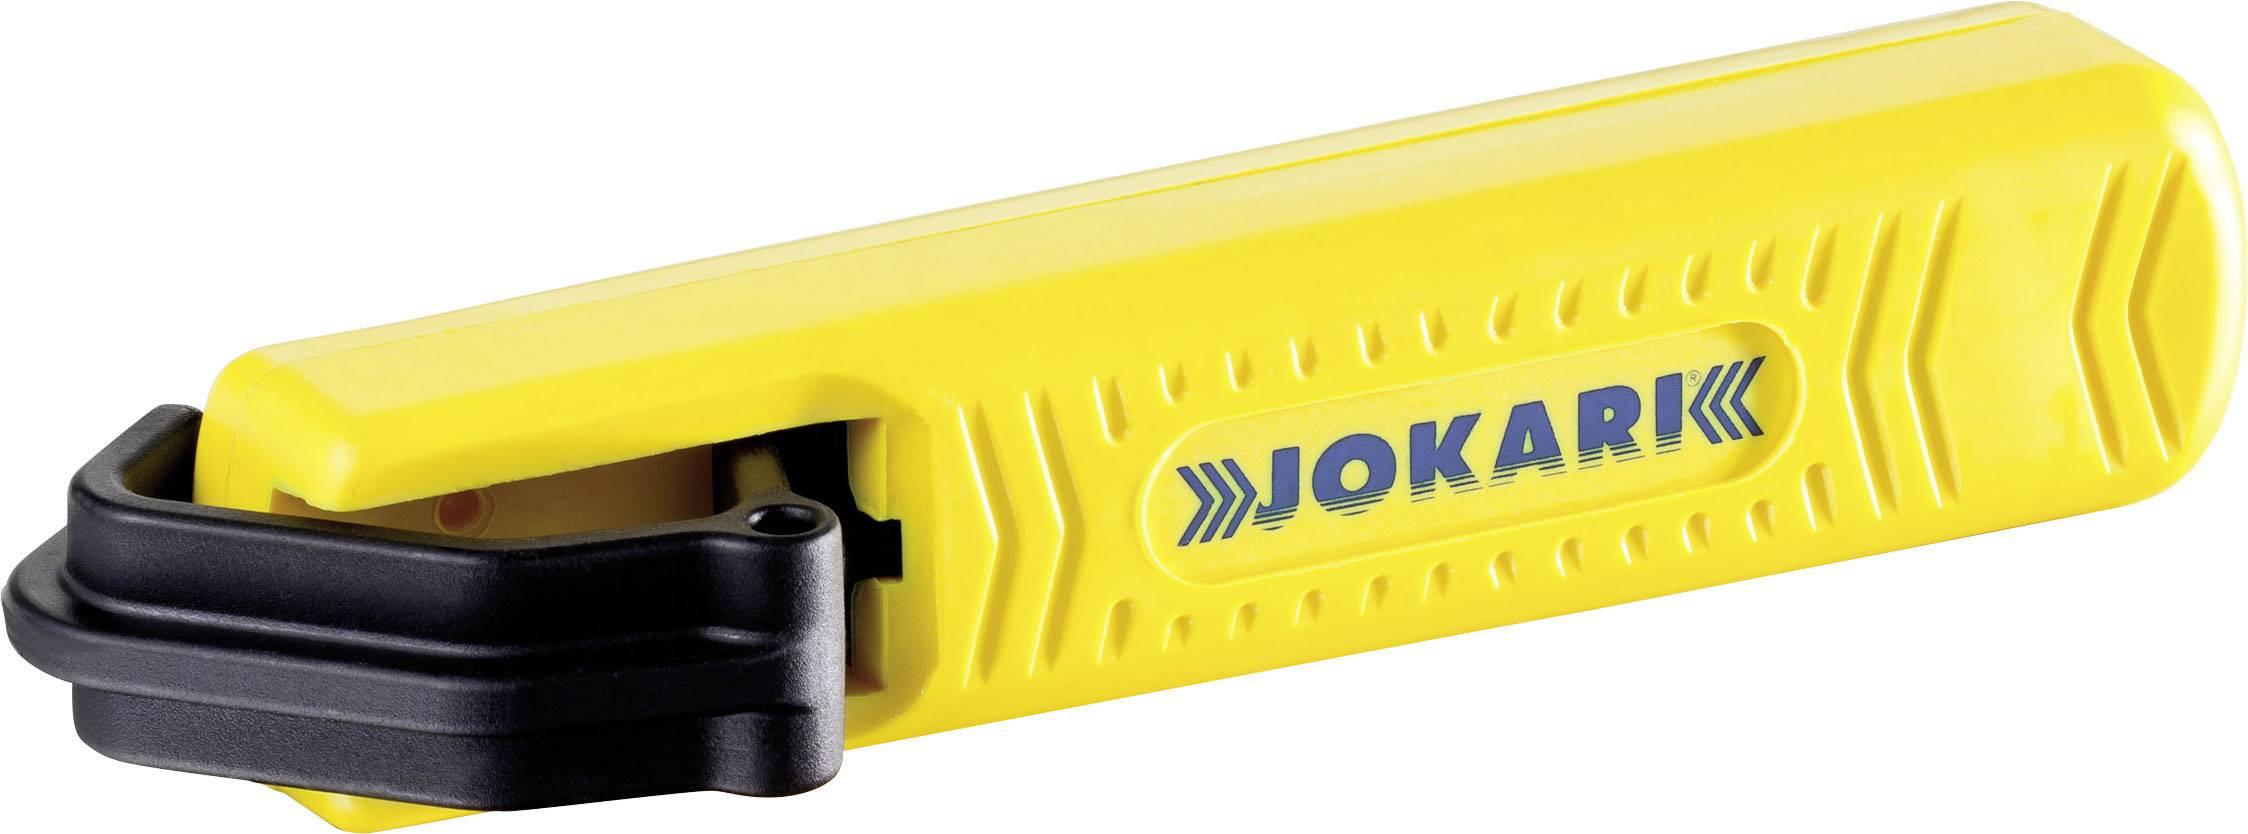 Odizolovač kabelů, Ø 8 - 28 mm, Jokari No. 27 ISO